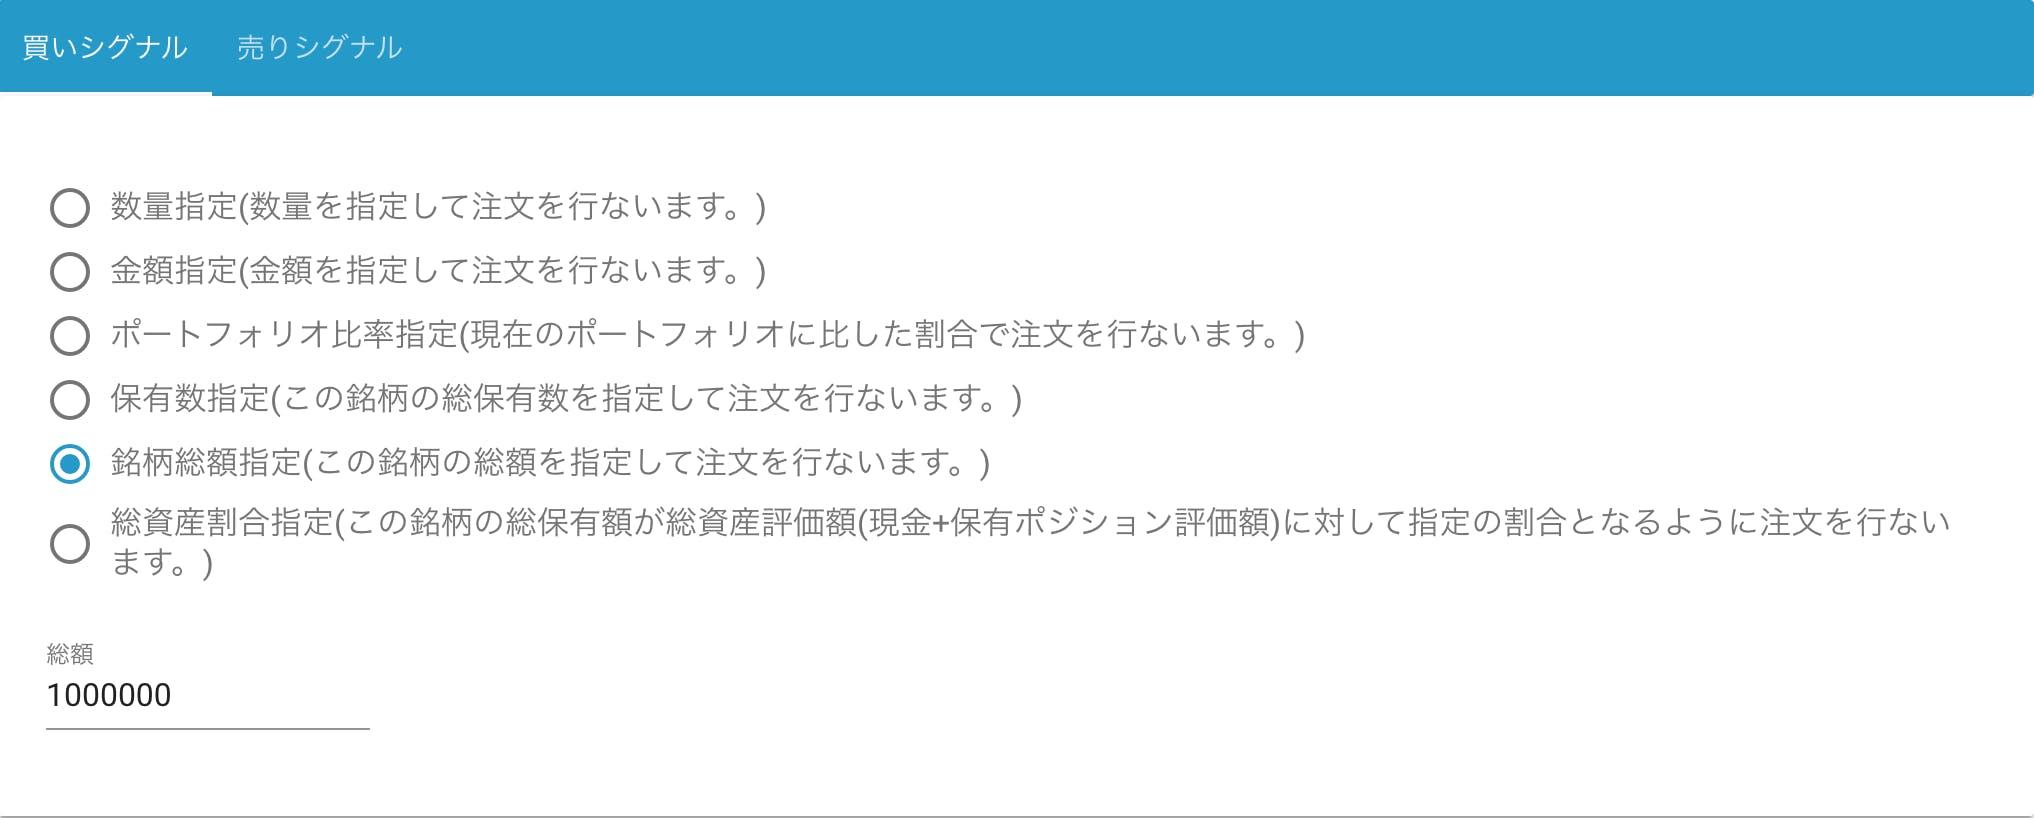 スクリーンショット 2019-09-18 21.19.15.png